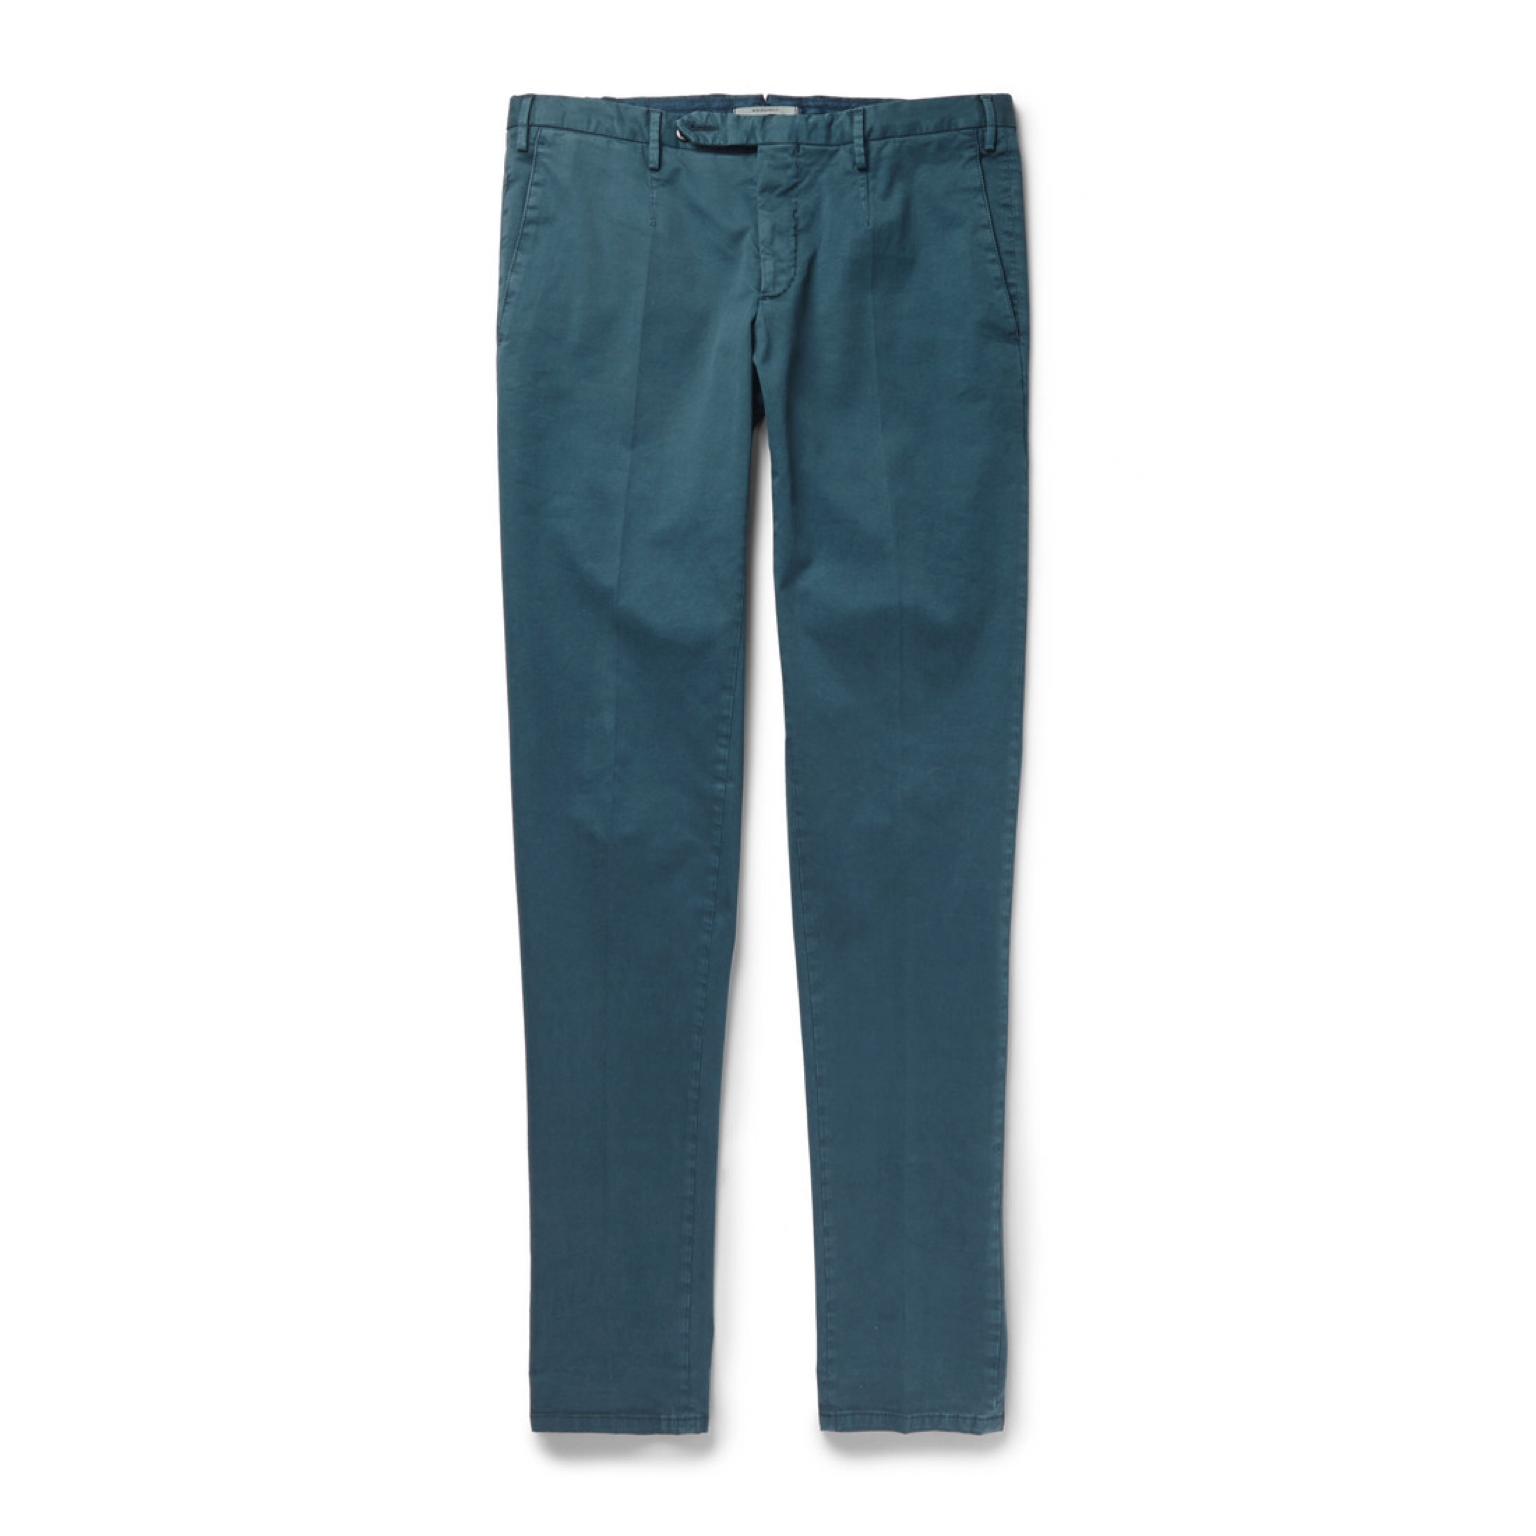 墨绿色长裤